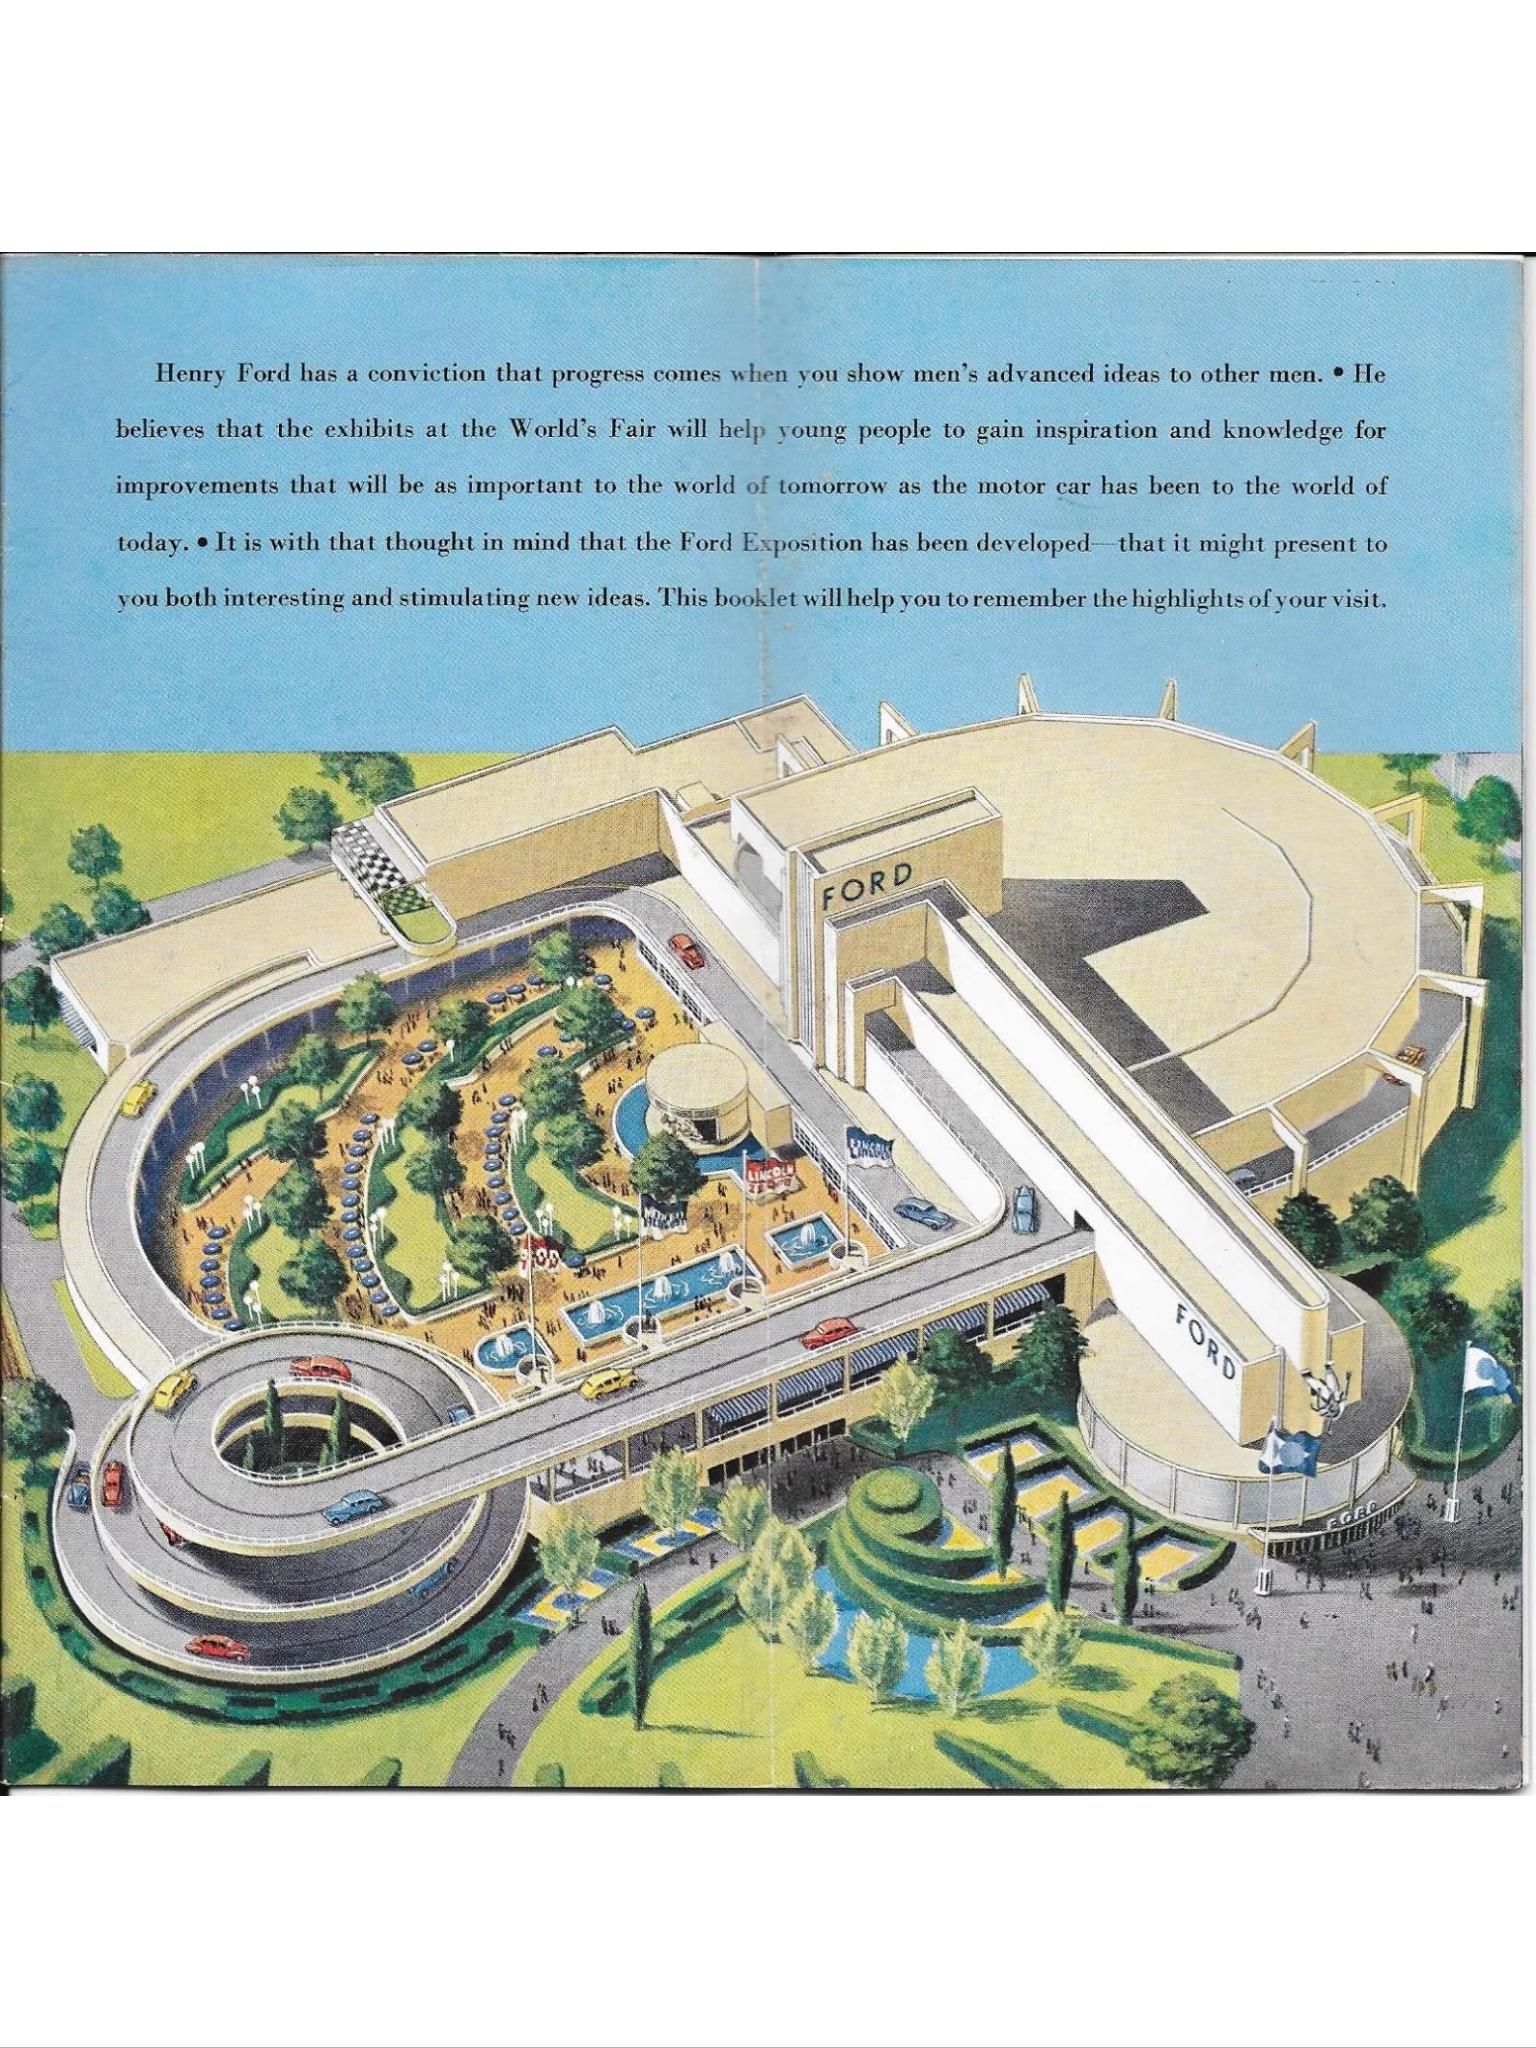 Ford Pavilion NYWF 1939-1940